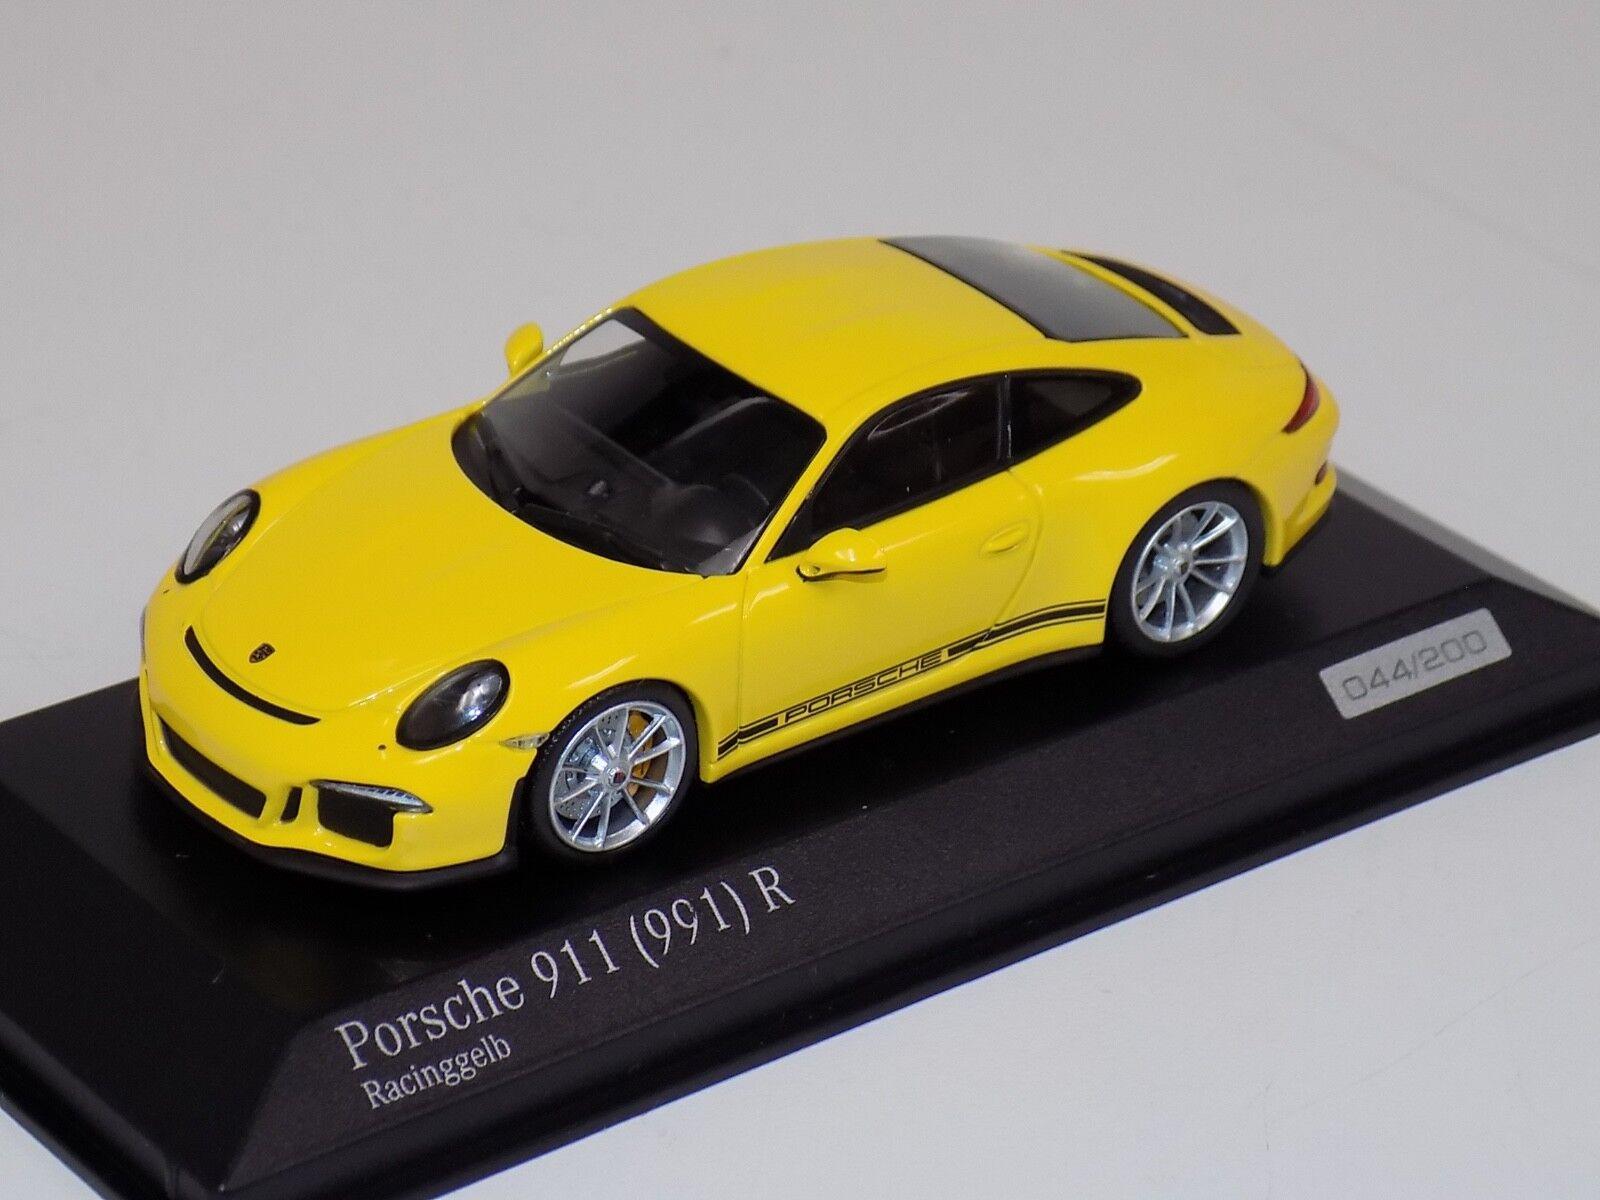 Ven a elegir tu propio estilo deportivo. 1 43 Minichamps PORSCHE 911 (911) R Amarillo Amarillo Amarillo CA04316095  Entrega rápida y envío gratis en todos los pedidos.